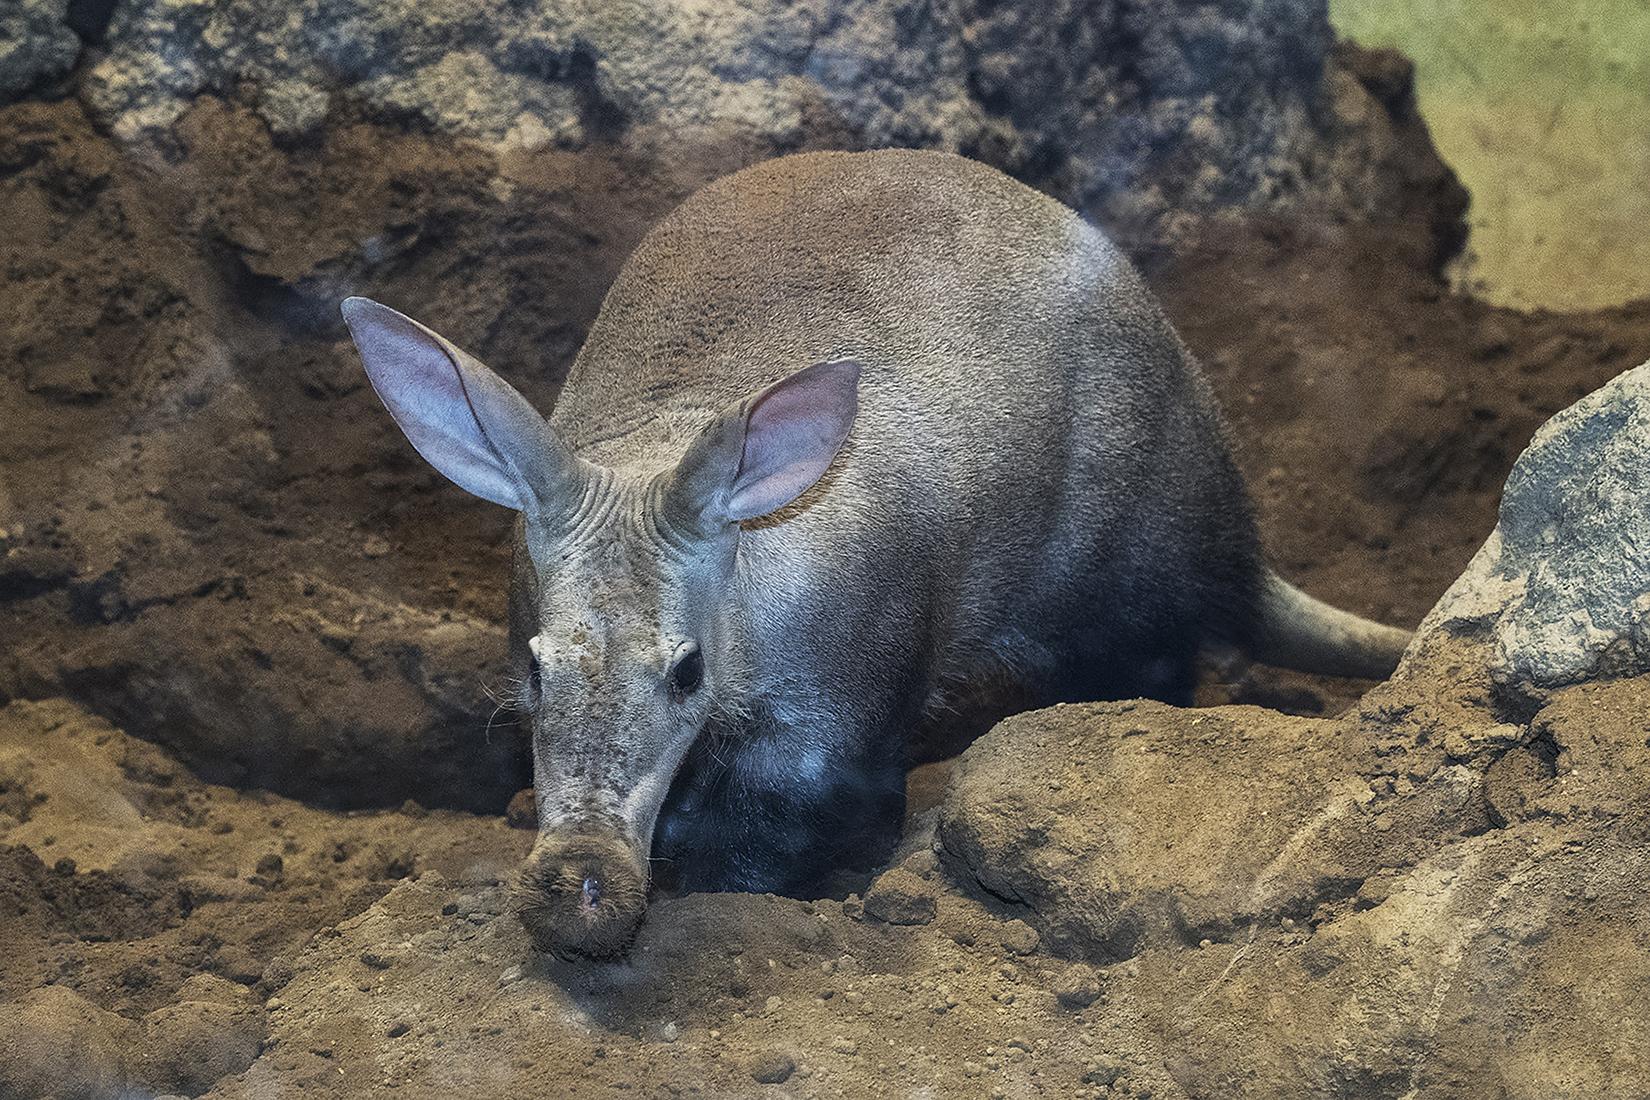 Aardvarks: Weird and Wonderful